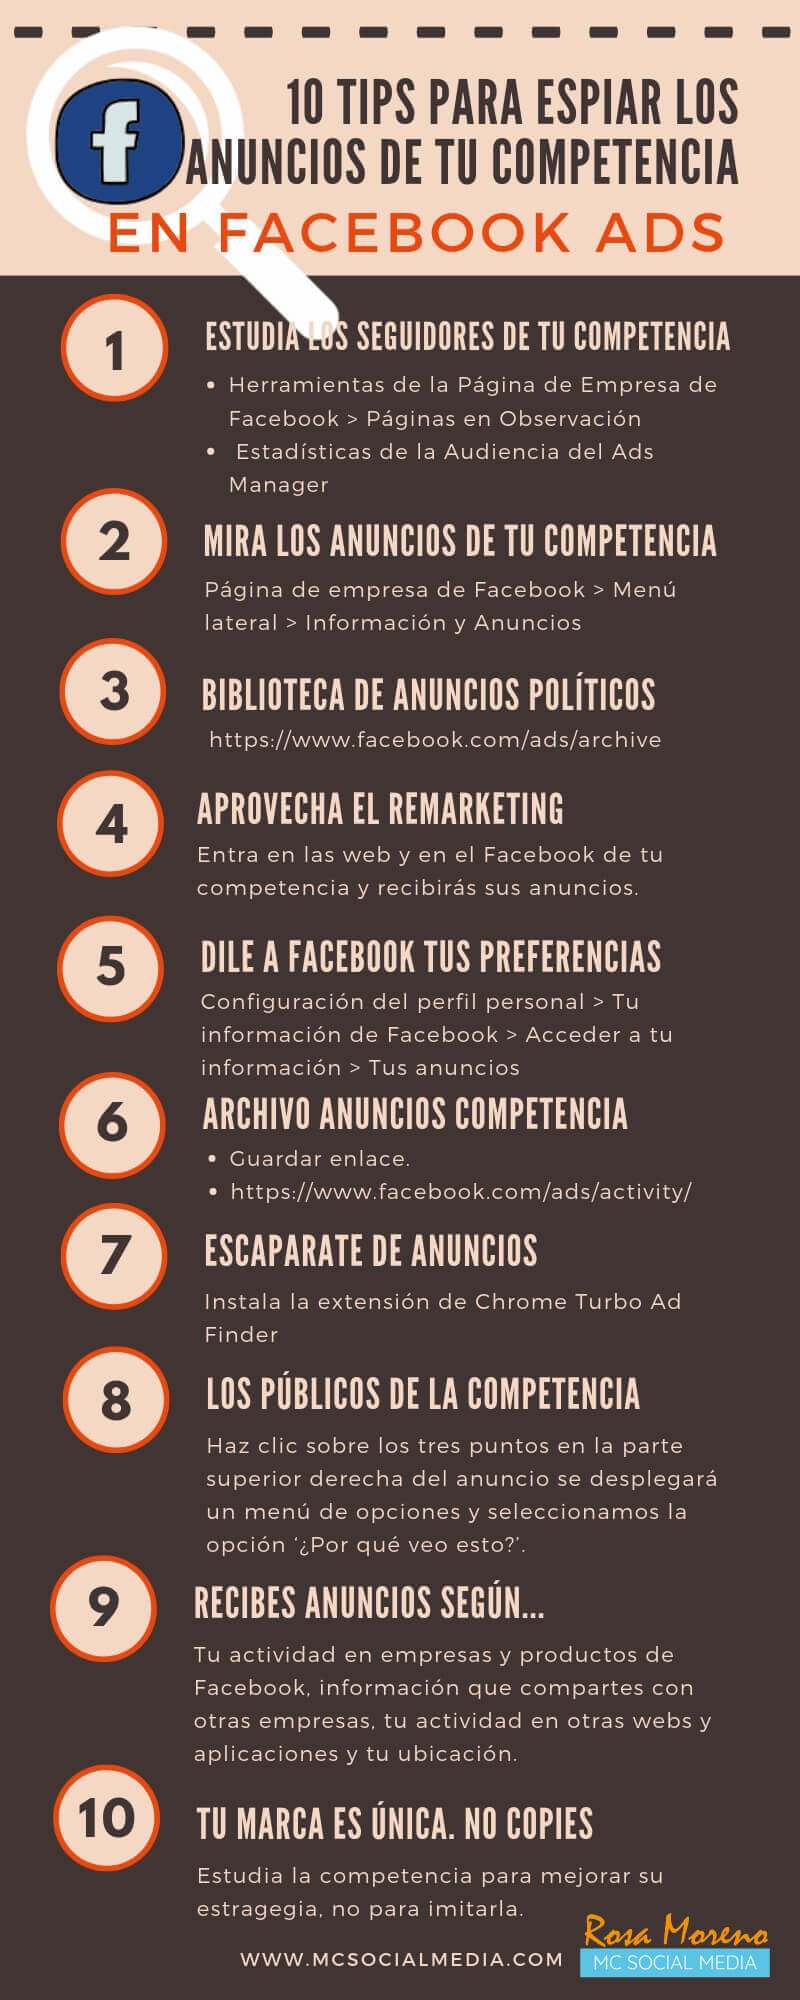 10 consejos para espiar los anuncios de la competencia en Facebook Ads #infografia #socialmedia